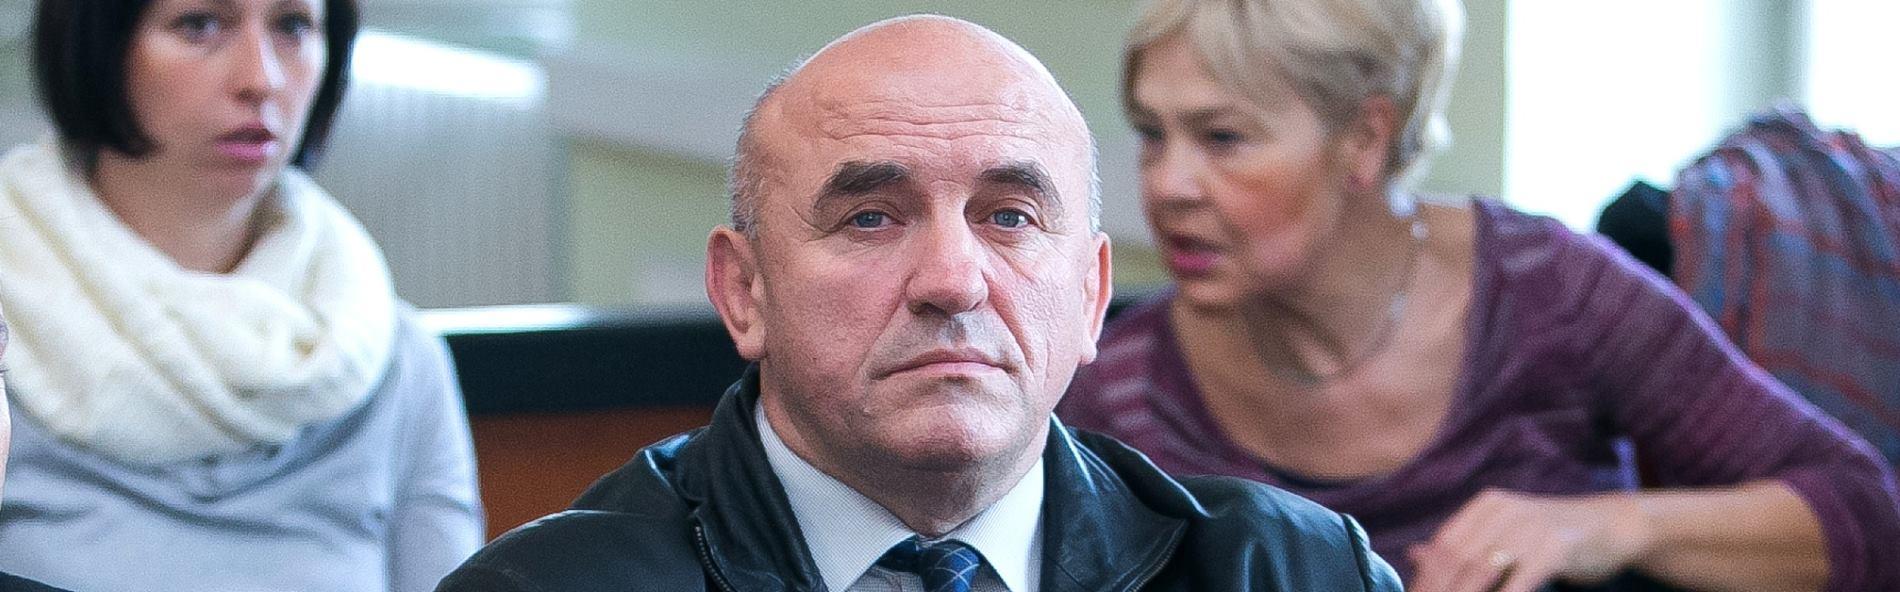 General Lucić i sinovi pod optužbom za malverzacije u judo klubu